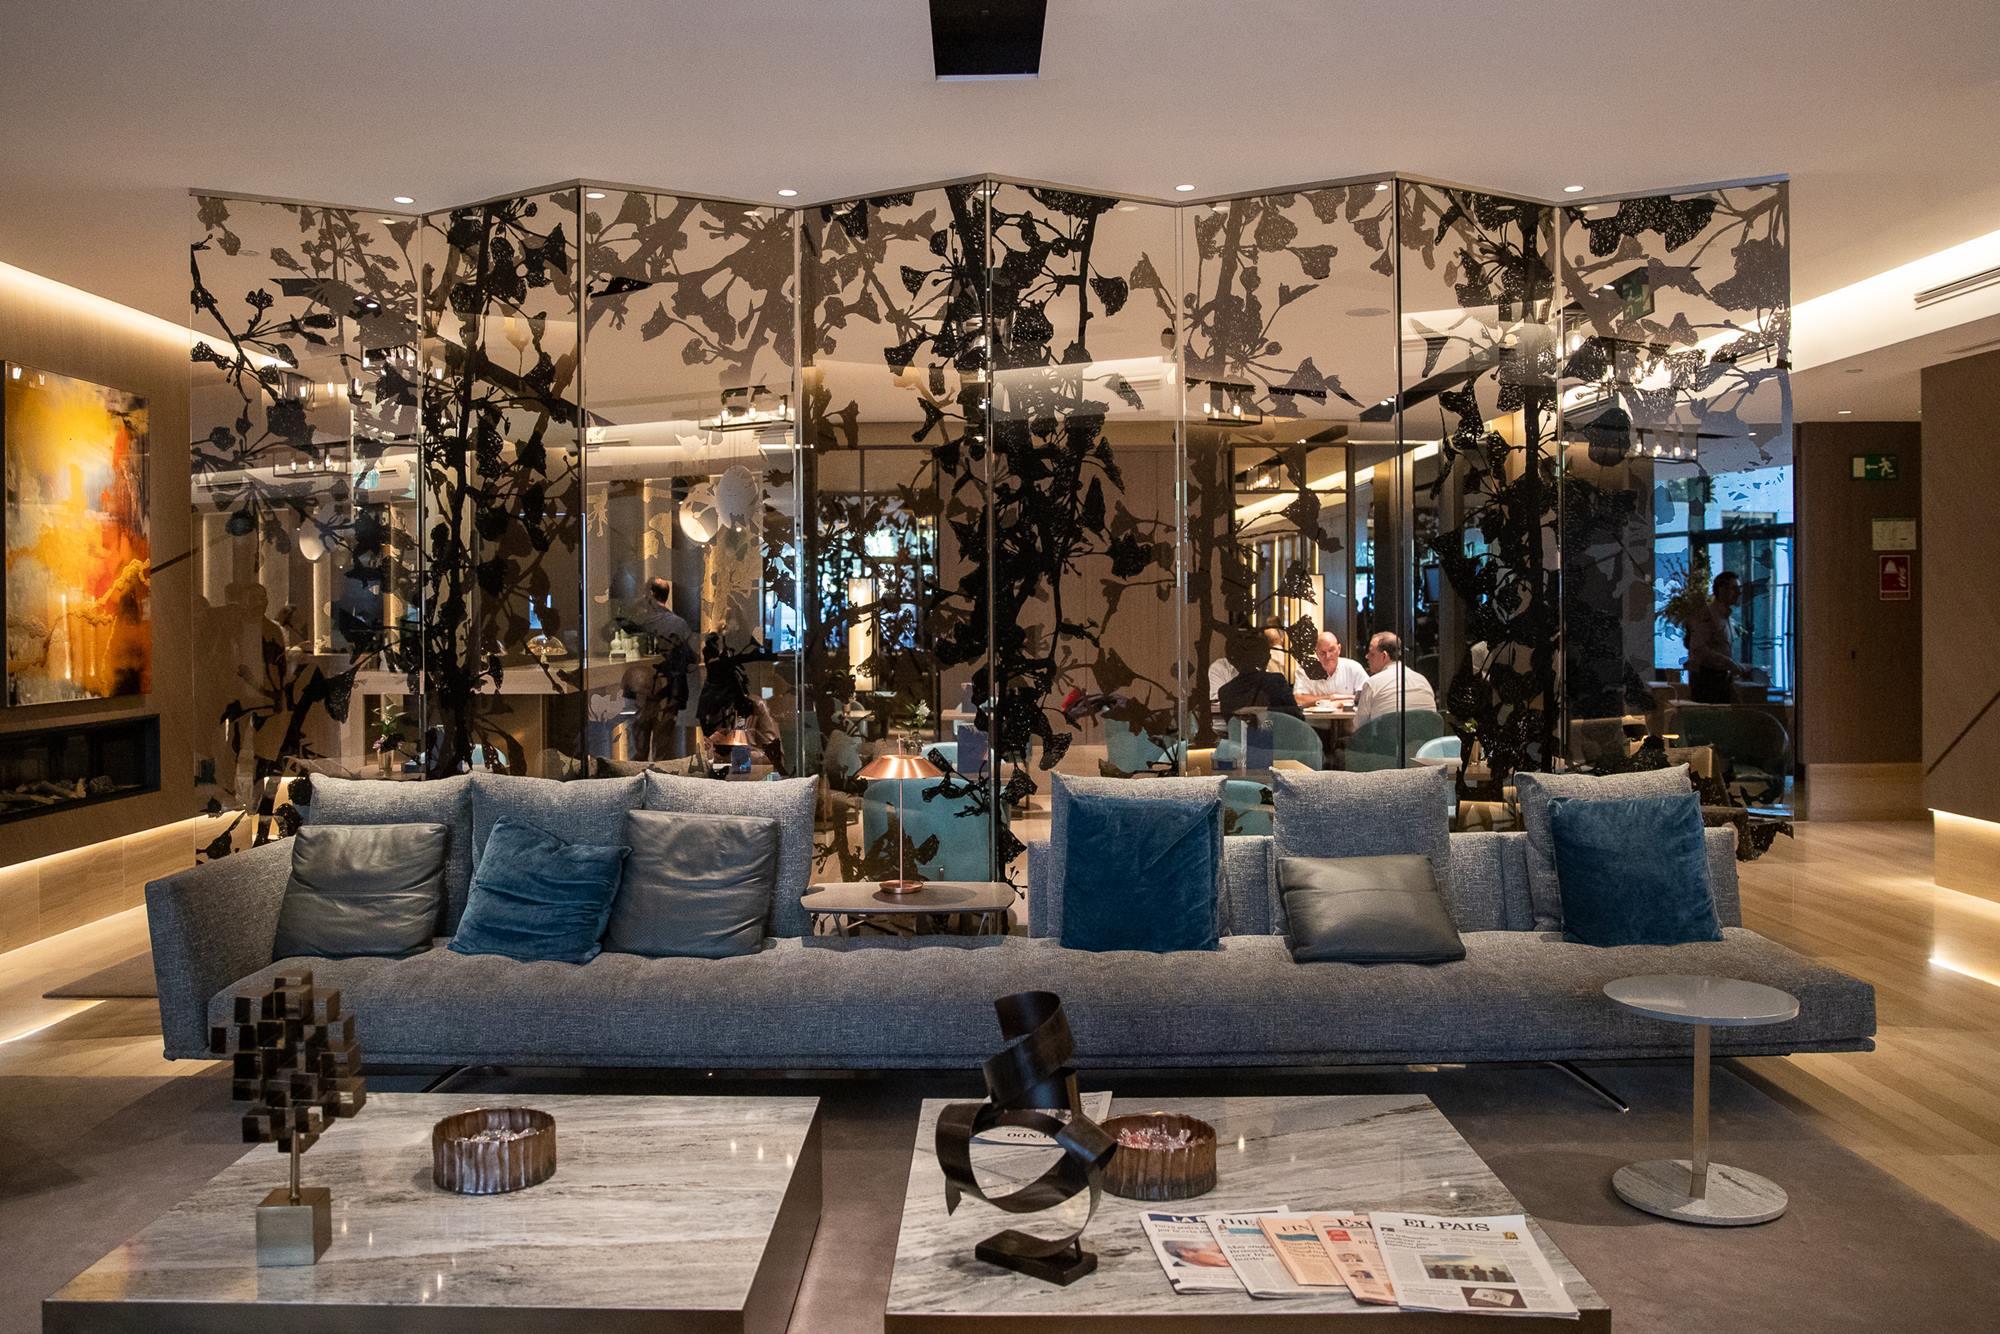 Las piezas de cristal de Jan Hendrix son el aperitivo perfecto antes de todo el arte que espera en el interior del hotel.